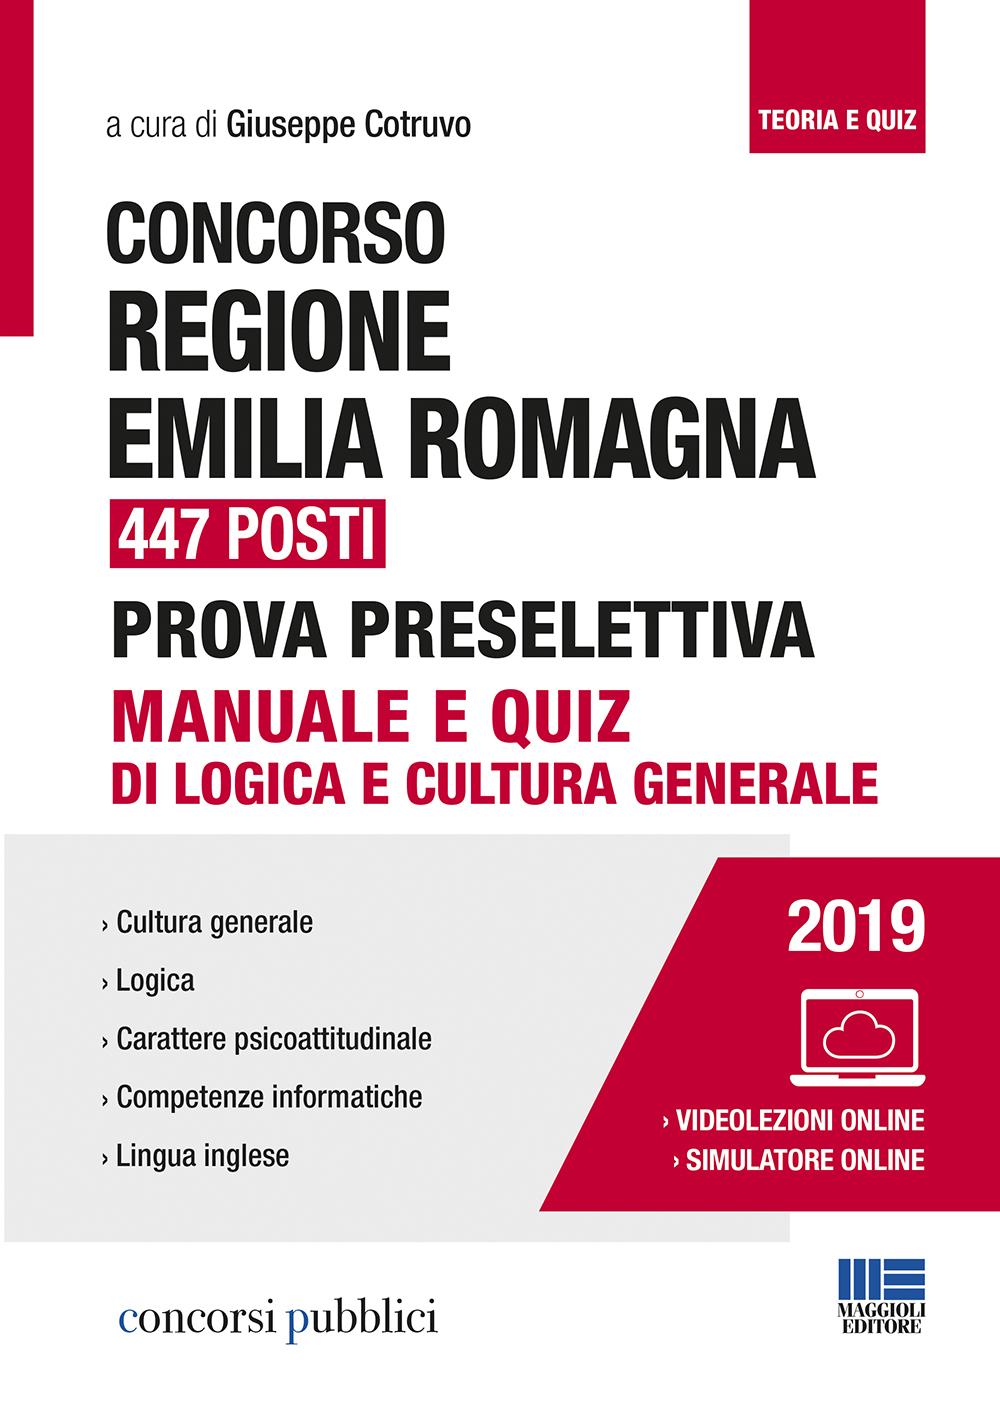 Concorso Regione Emilia Romagna 447 posti -Libro carta